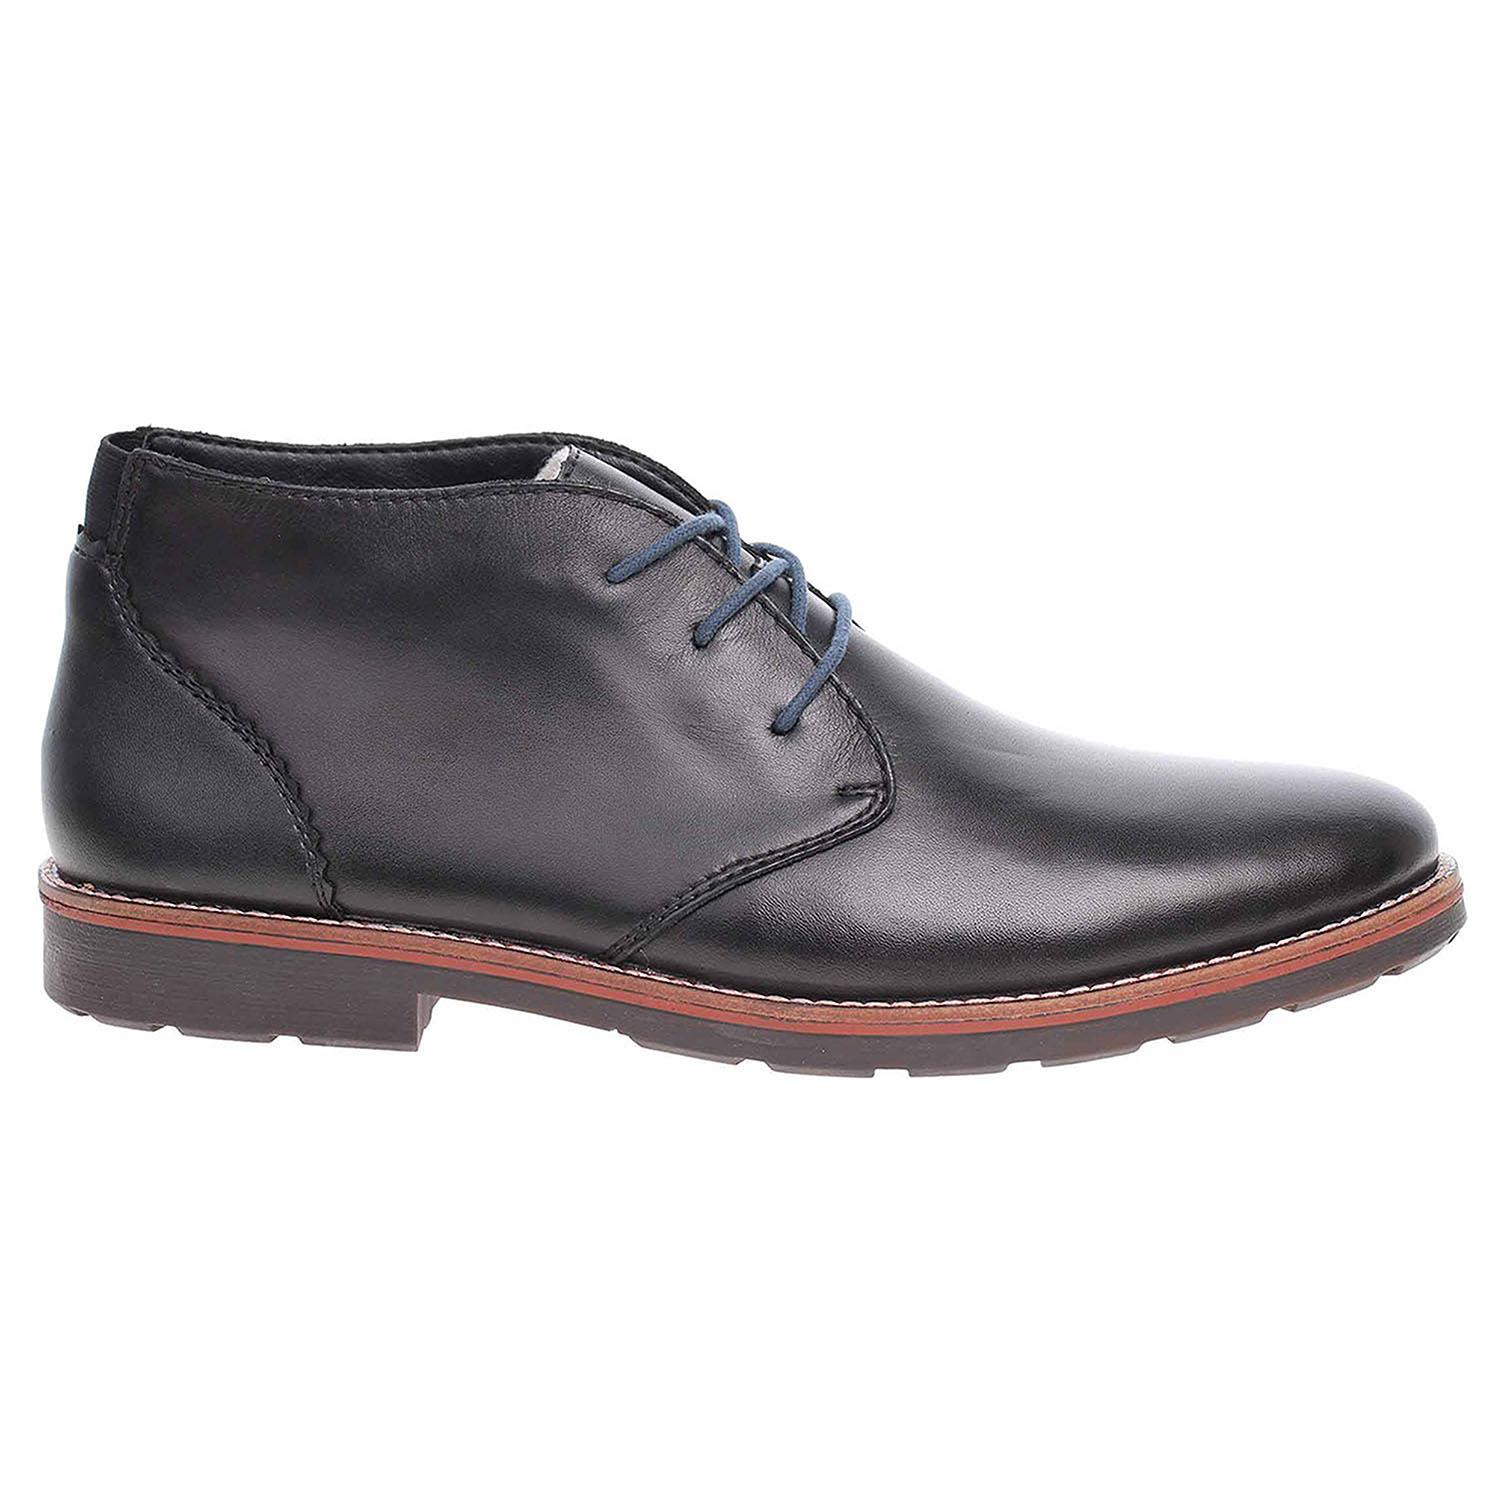 Pánská kotníková obuv Rieker 35330-00 schwarz 35330-00 41